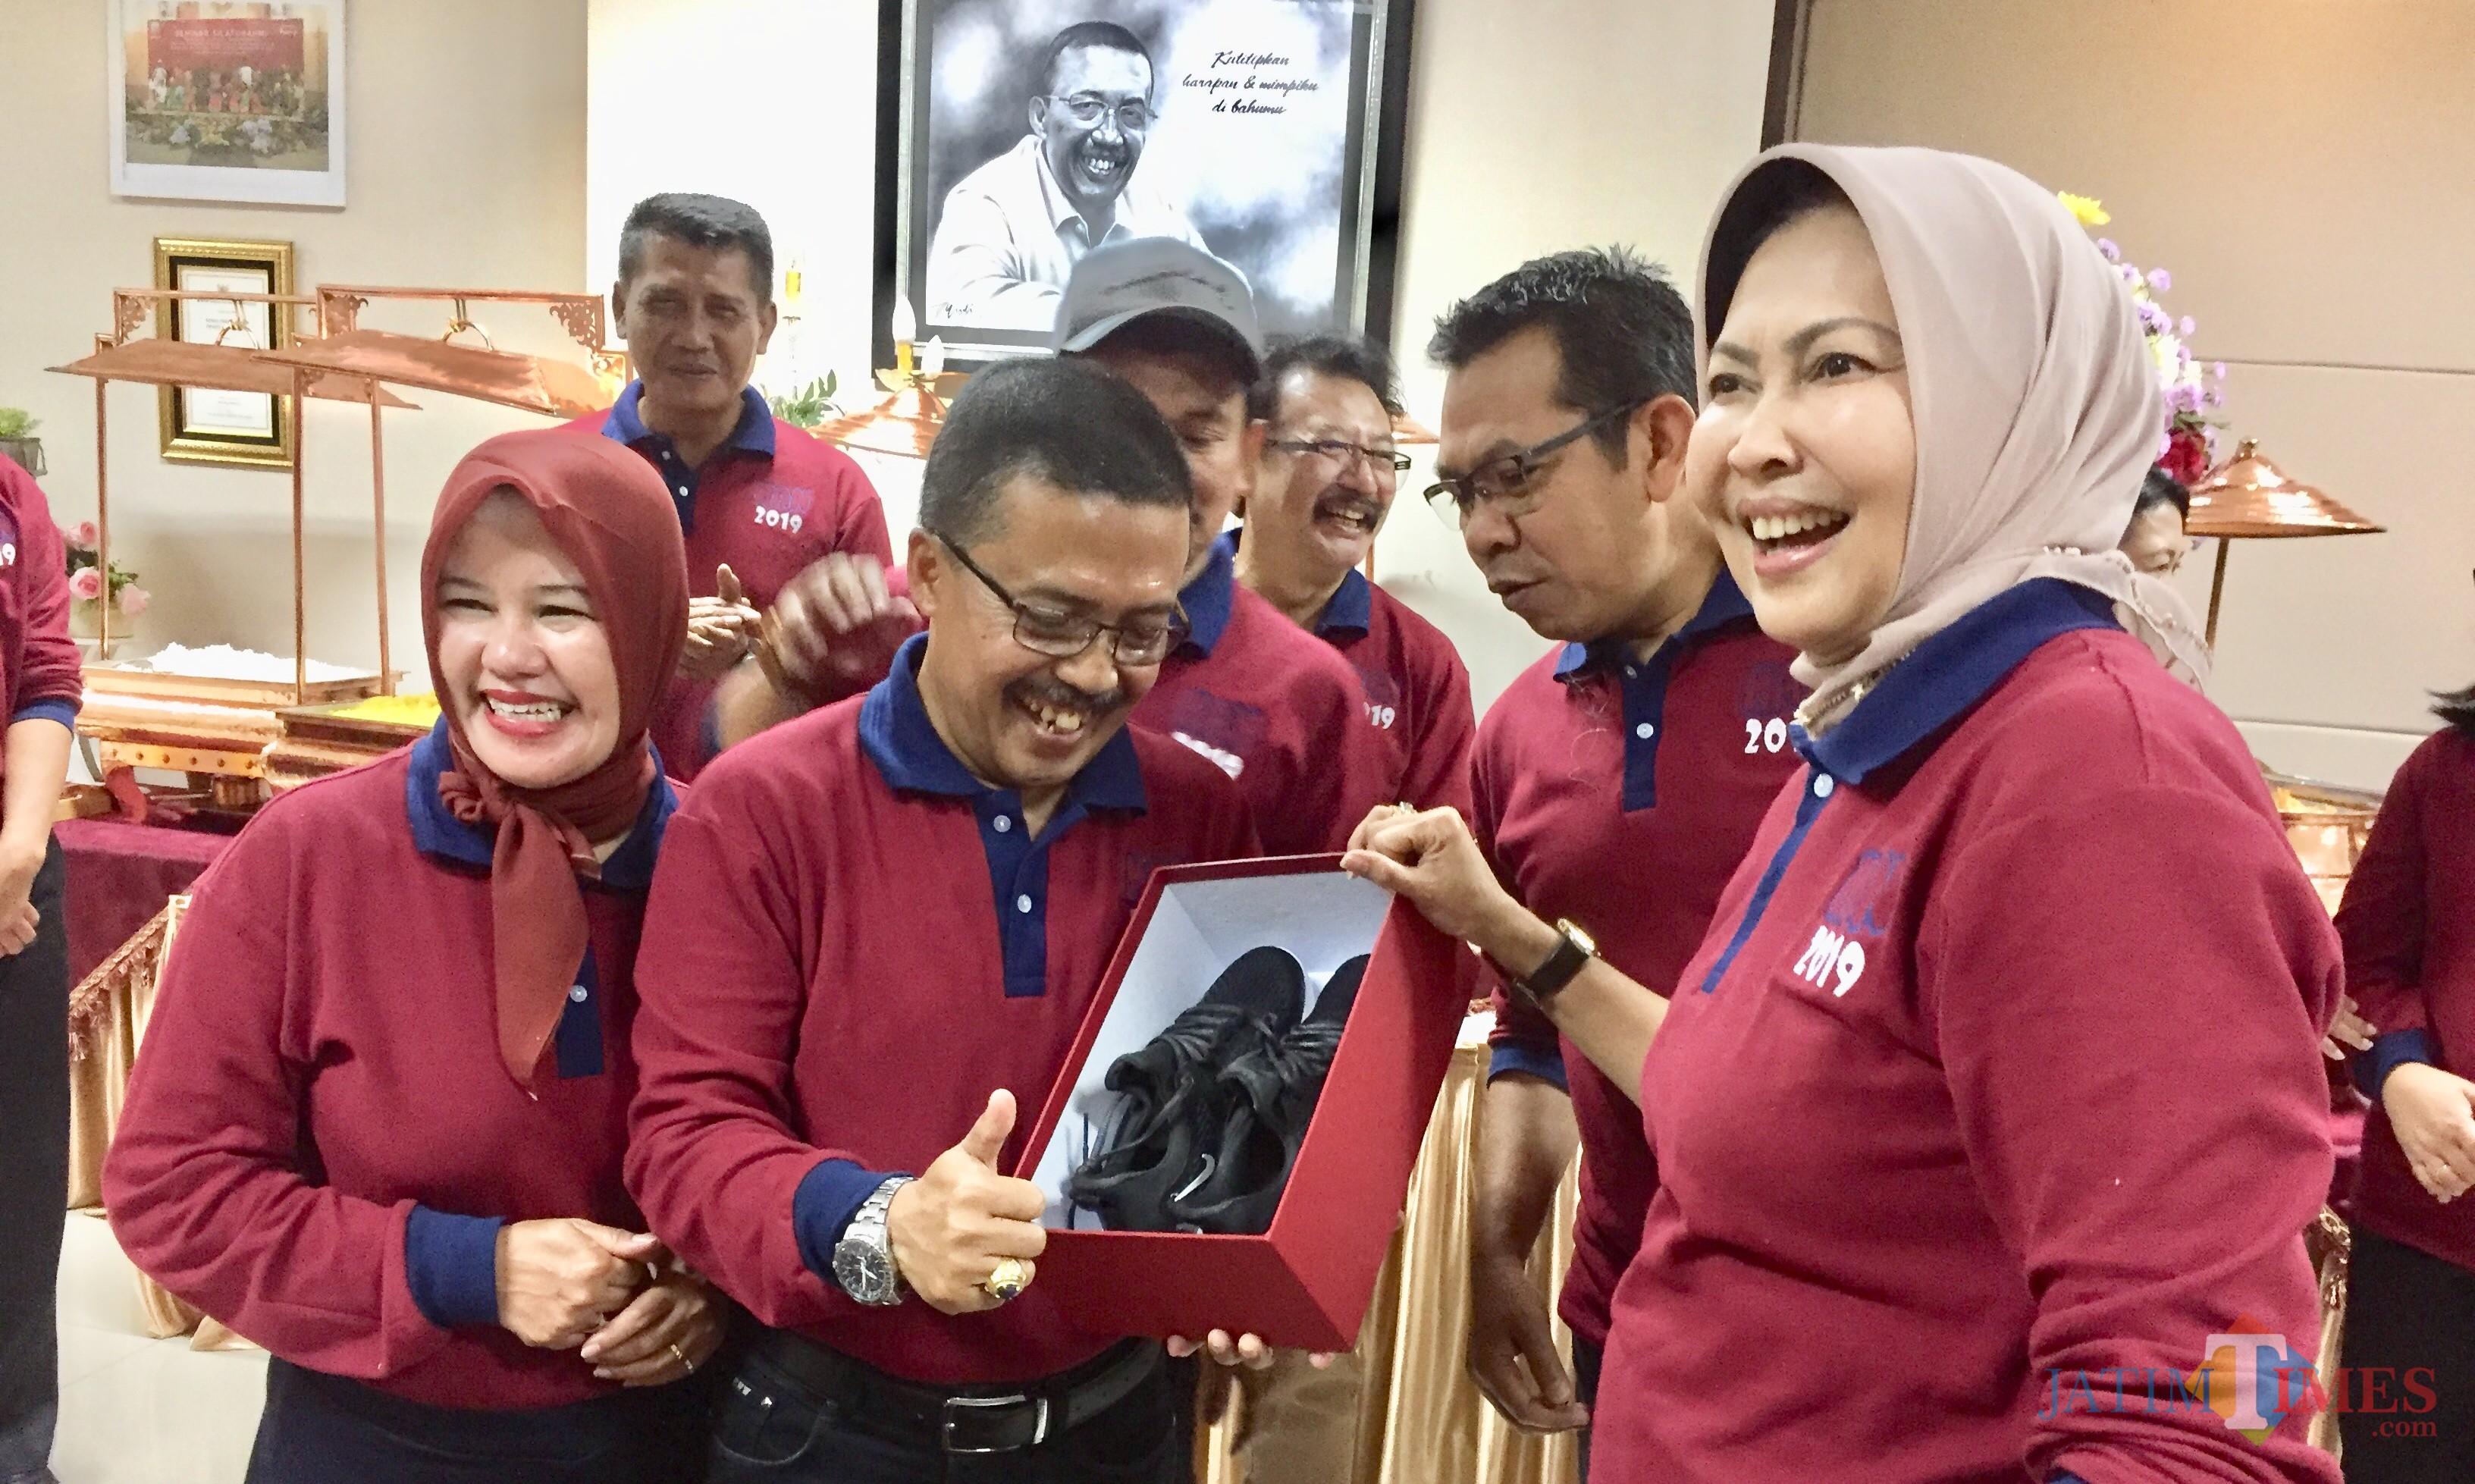 Wali Kota Batu Dewanti Rumpoko saat memberikan hadiah sepatu kepada Punjul di kantornya, Balai Kota Among Tani, Senin (22/7/2019). (Foto: Irsya Richa/MalangTIMES)